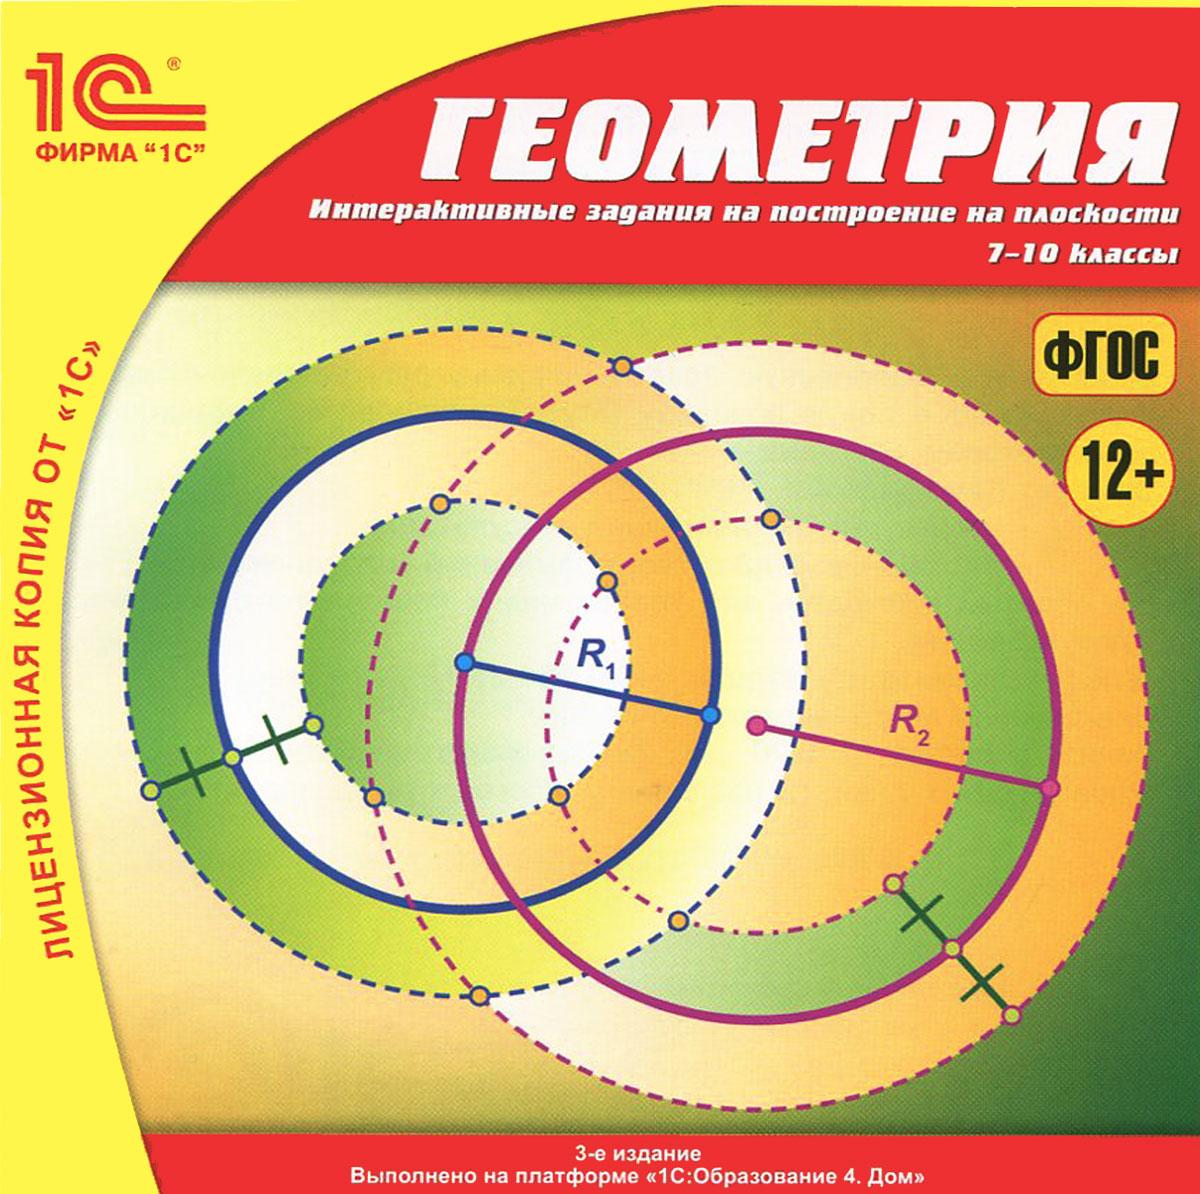 1С: Школа. Геометрия. 7-10 классы. Интерактивные задания на построение на плоскости